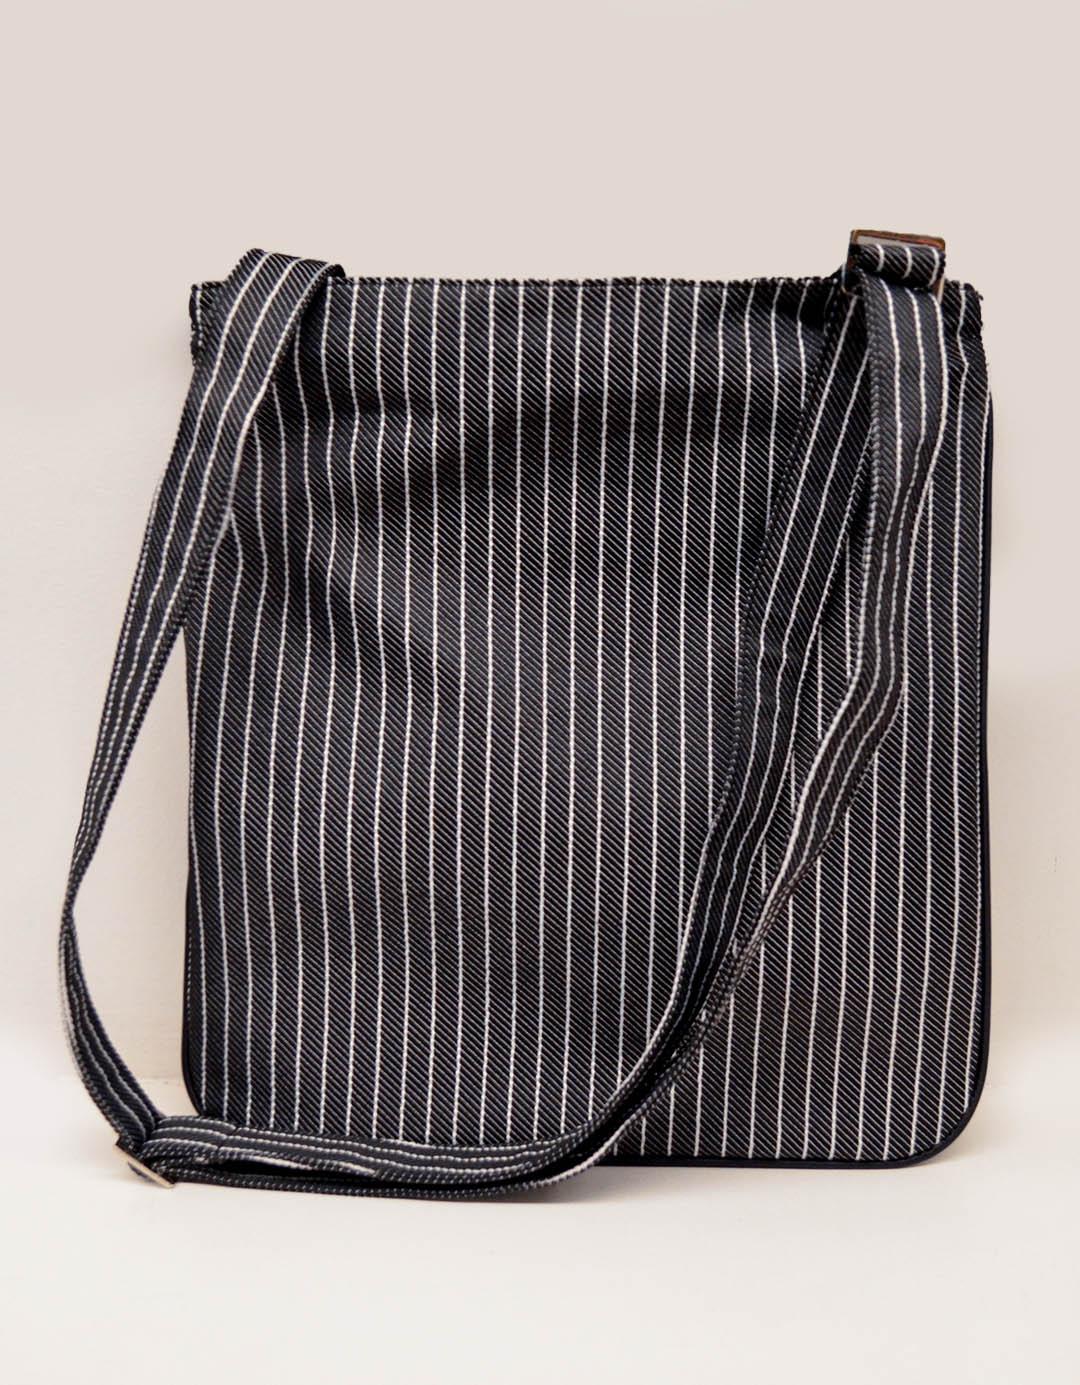 Bolsa Transversal Risca de Giz Cross Bag Theo Traços do Rio